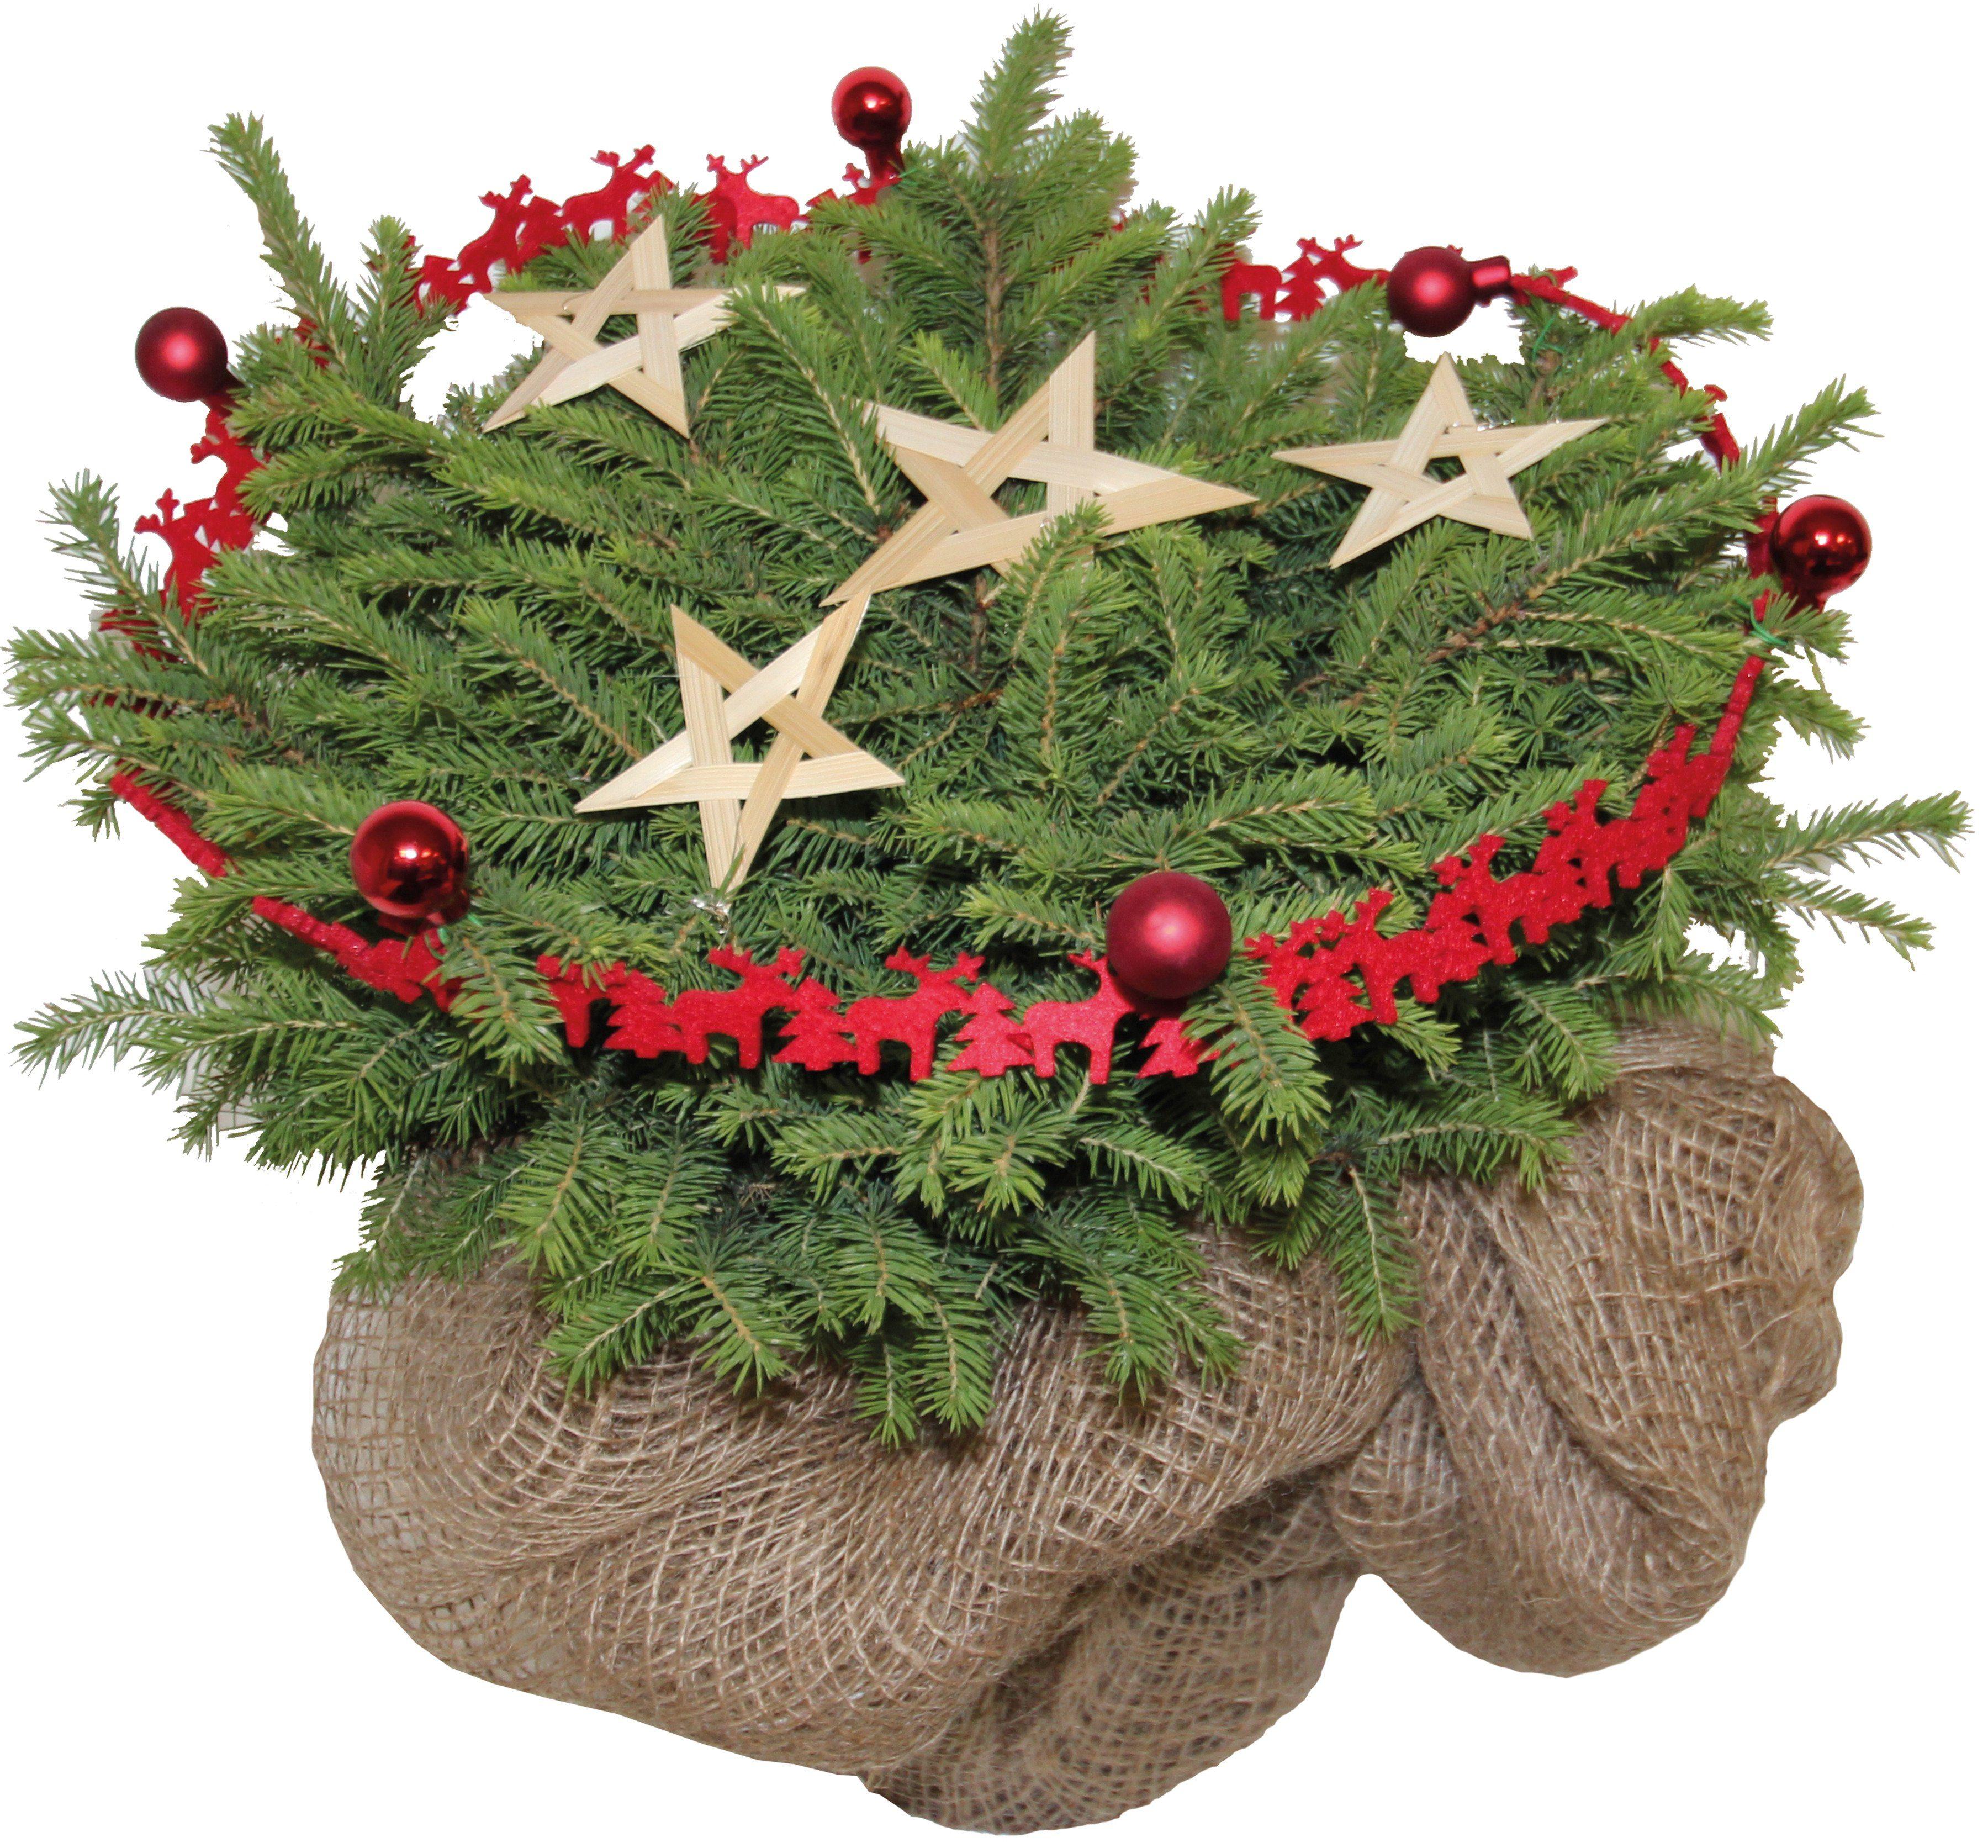 Konifere »Weihnachtsbaum«, rot geschmückt, Höhe ca.: 15 cm